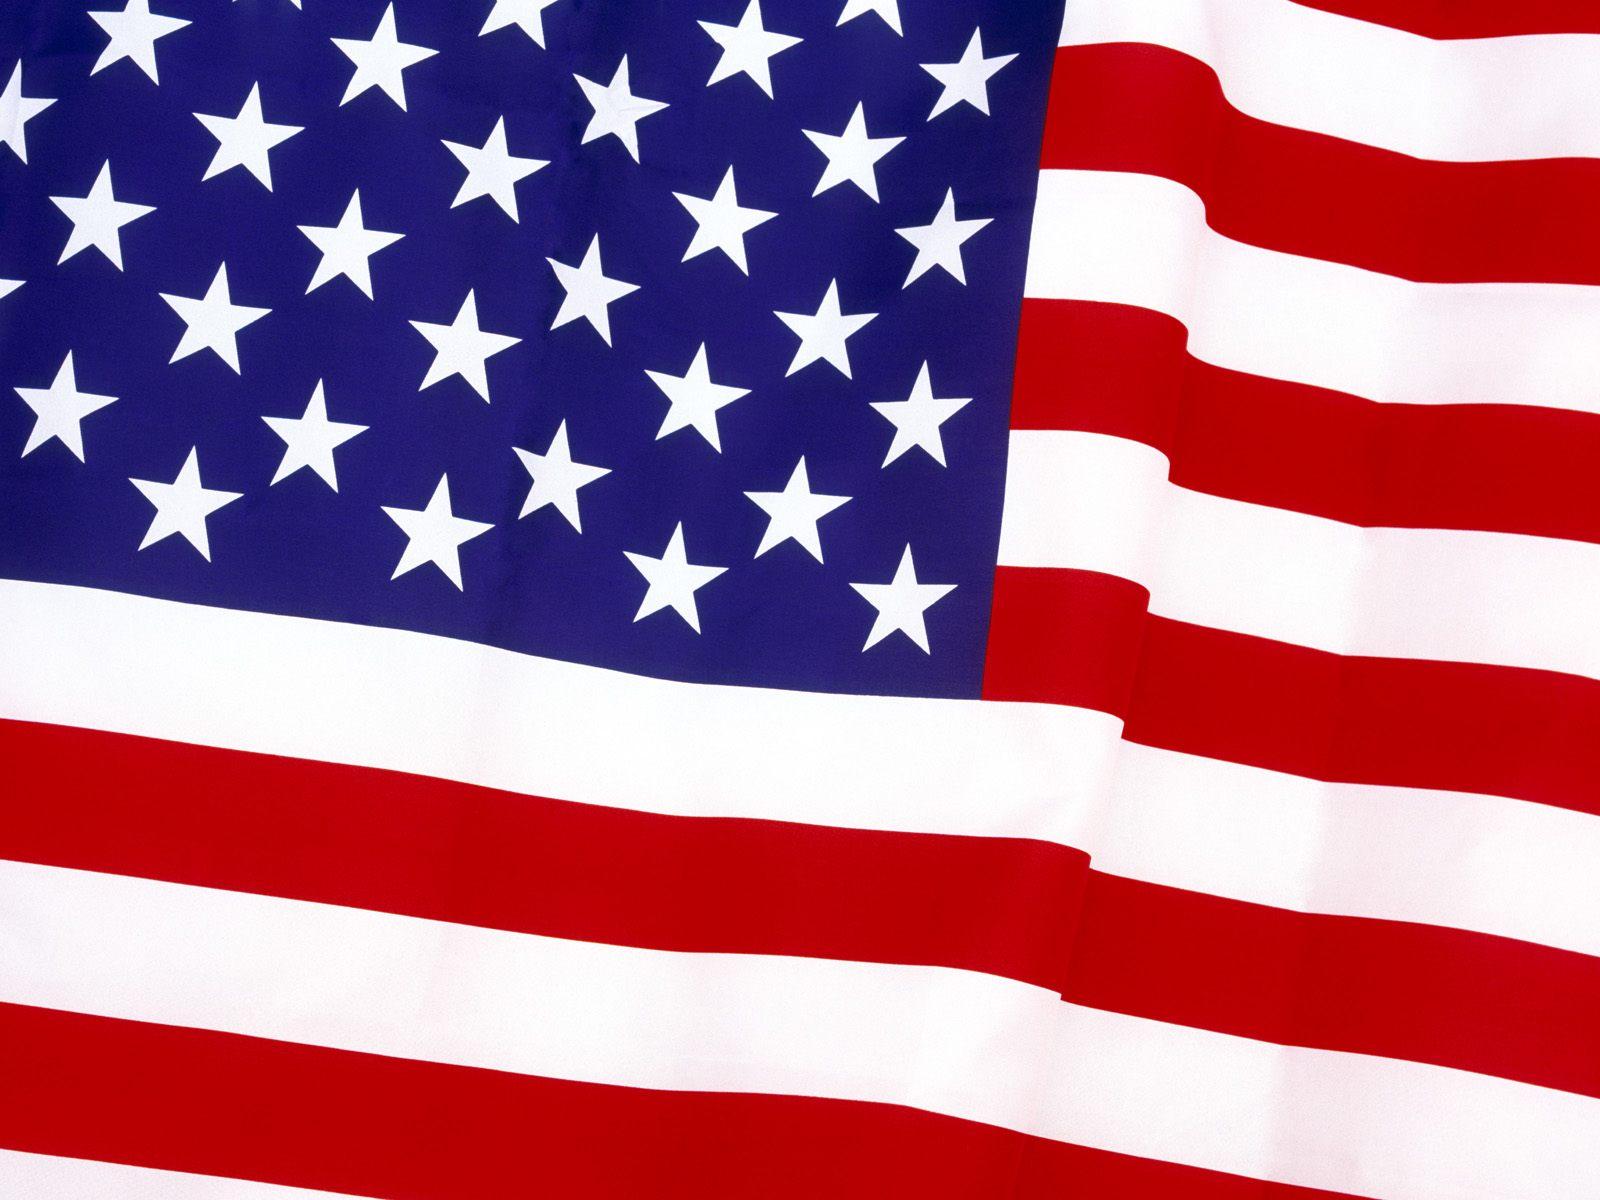 HD Wallpepars: American Flag HD Wallpapers